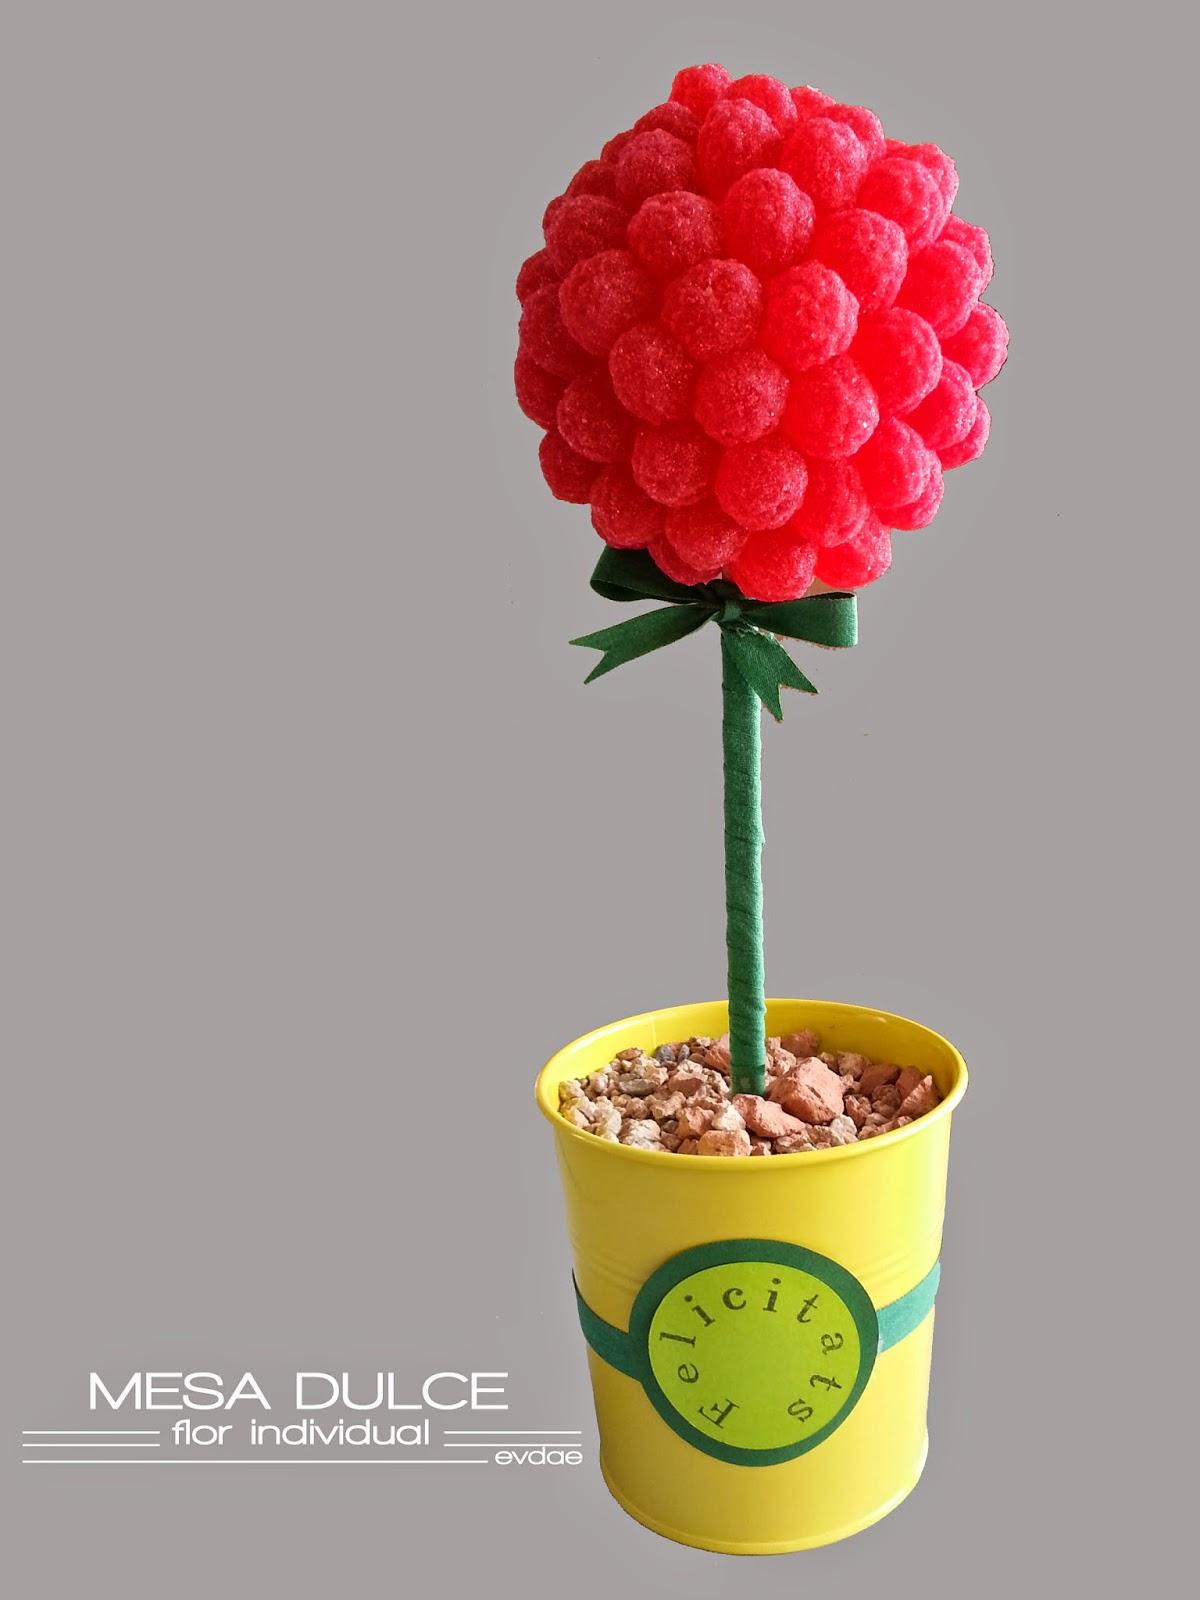 Flor dulce de la mesa dulce del escaparate.